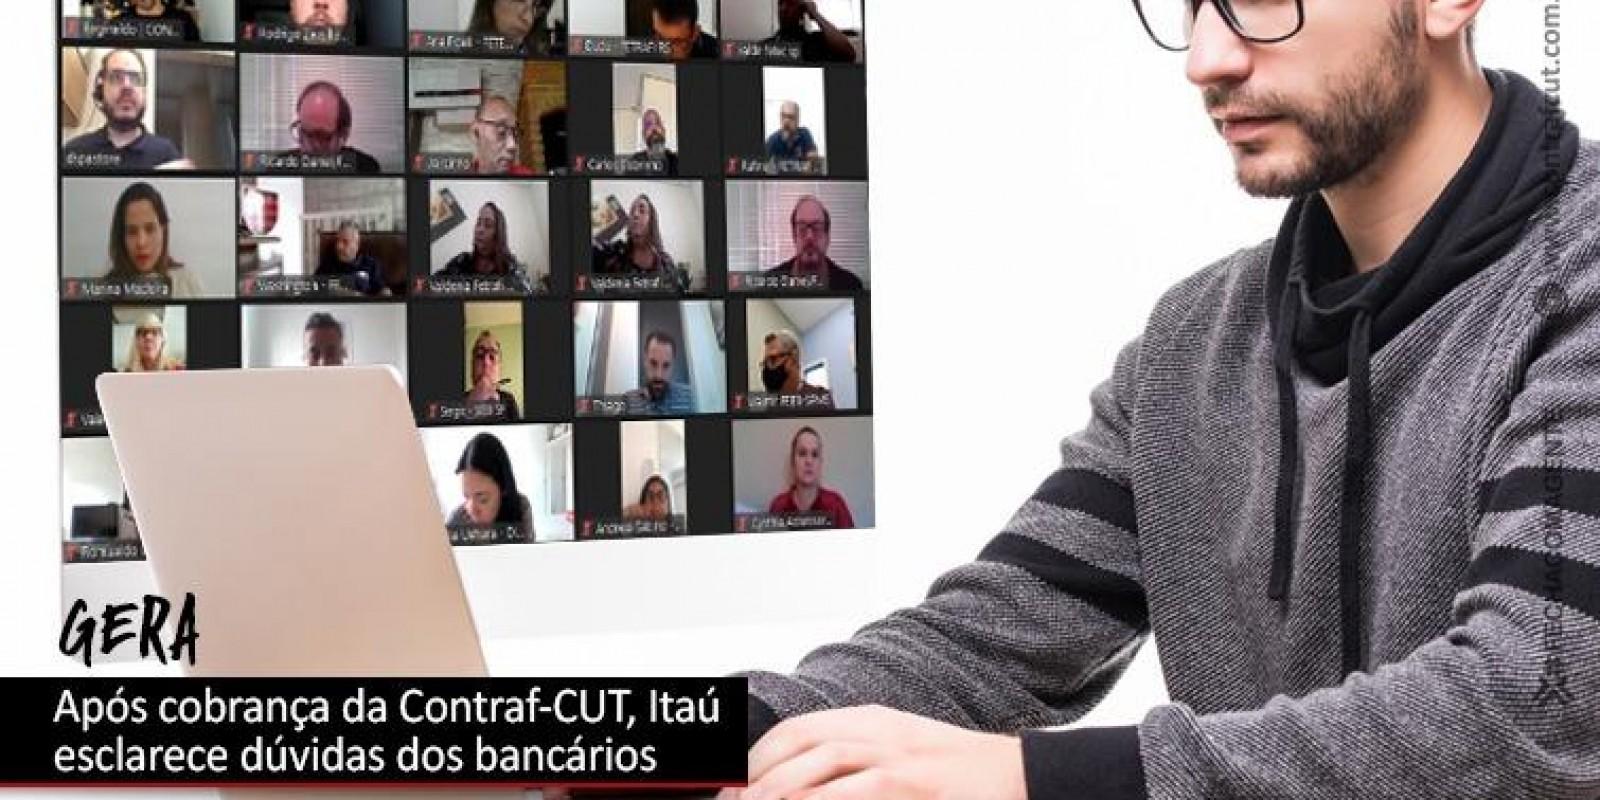 Após cobrança da Contraf-CUT, Itaú esclarece dúvidas sobre o GERA